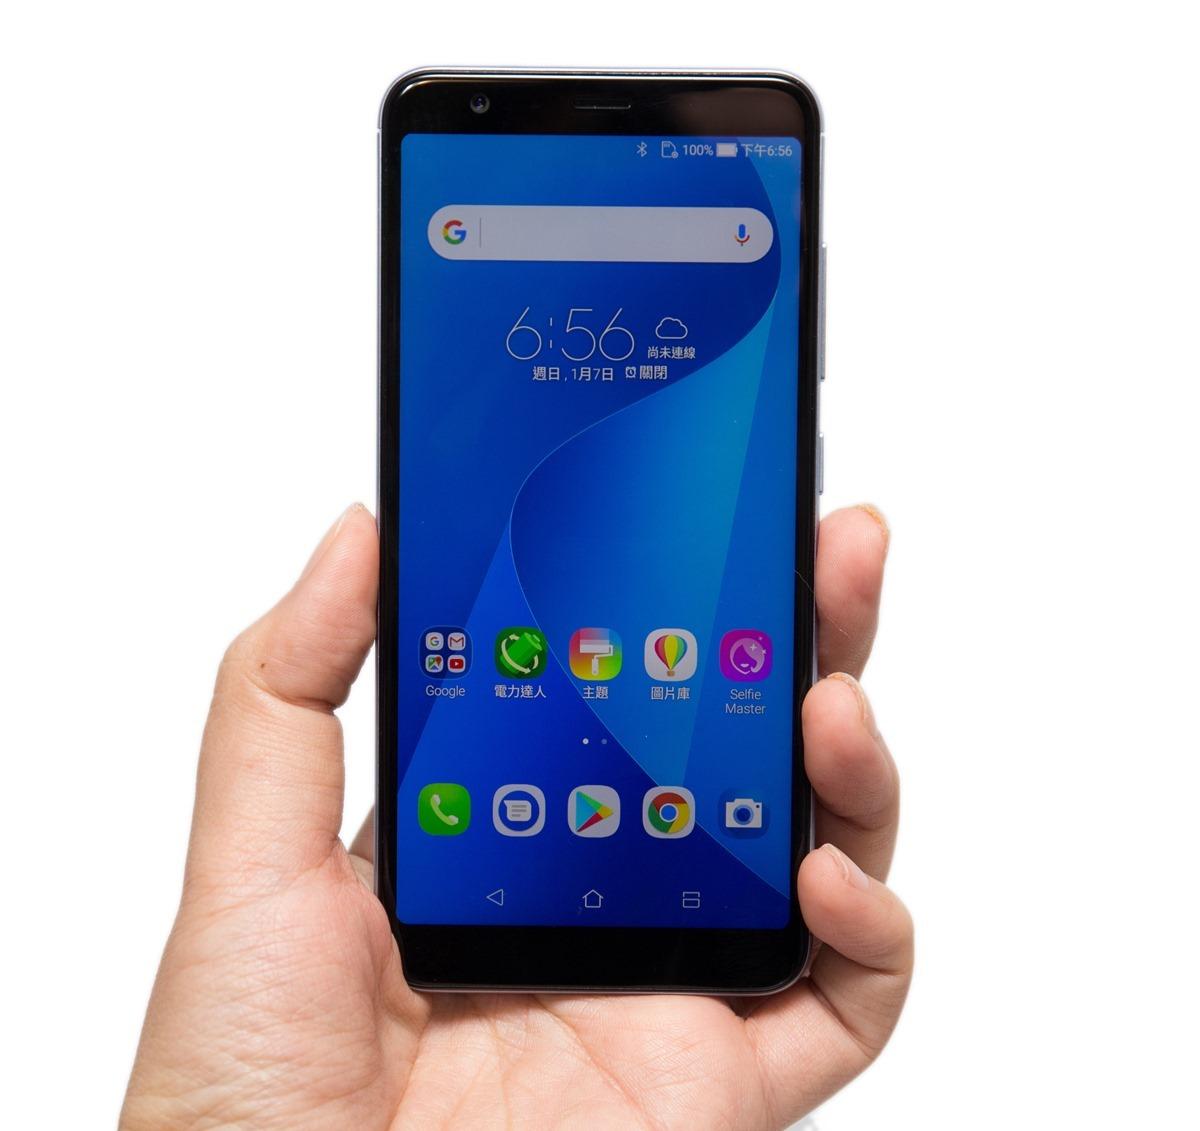 全螢幕電力怪獸!廣角雙鏡頭! ASUS ZenFone Max Plus (M1) 輕鬆入手免七千! @3C 達人廖阿輝